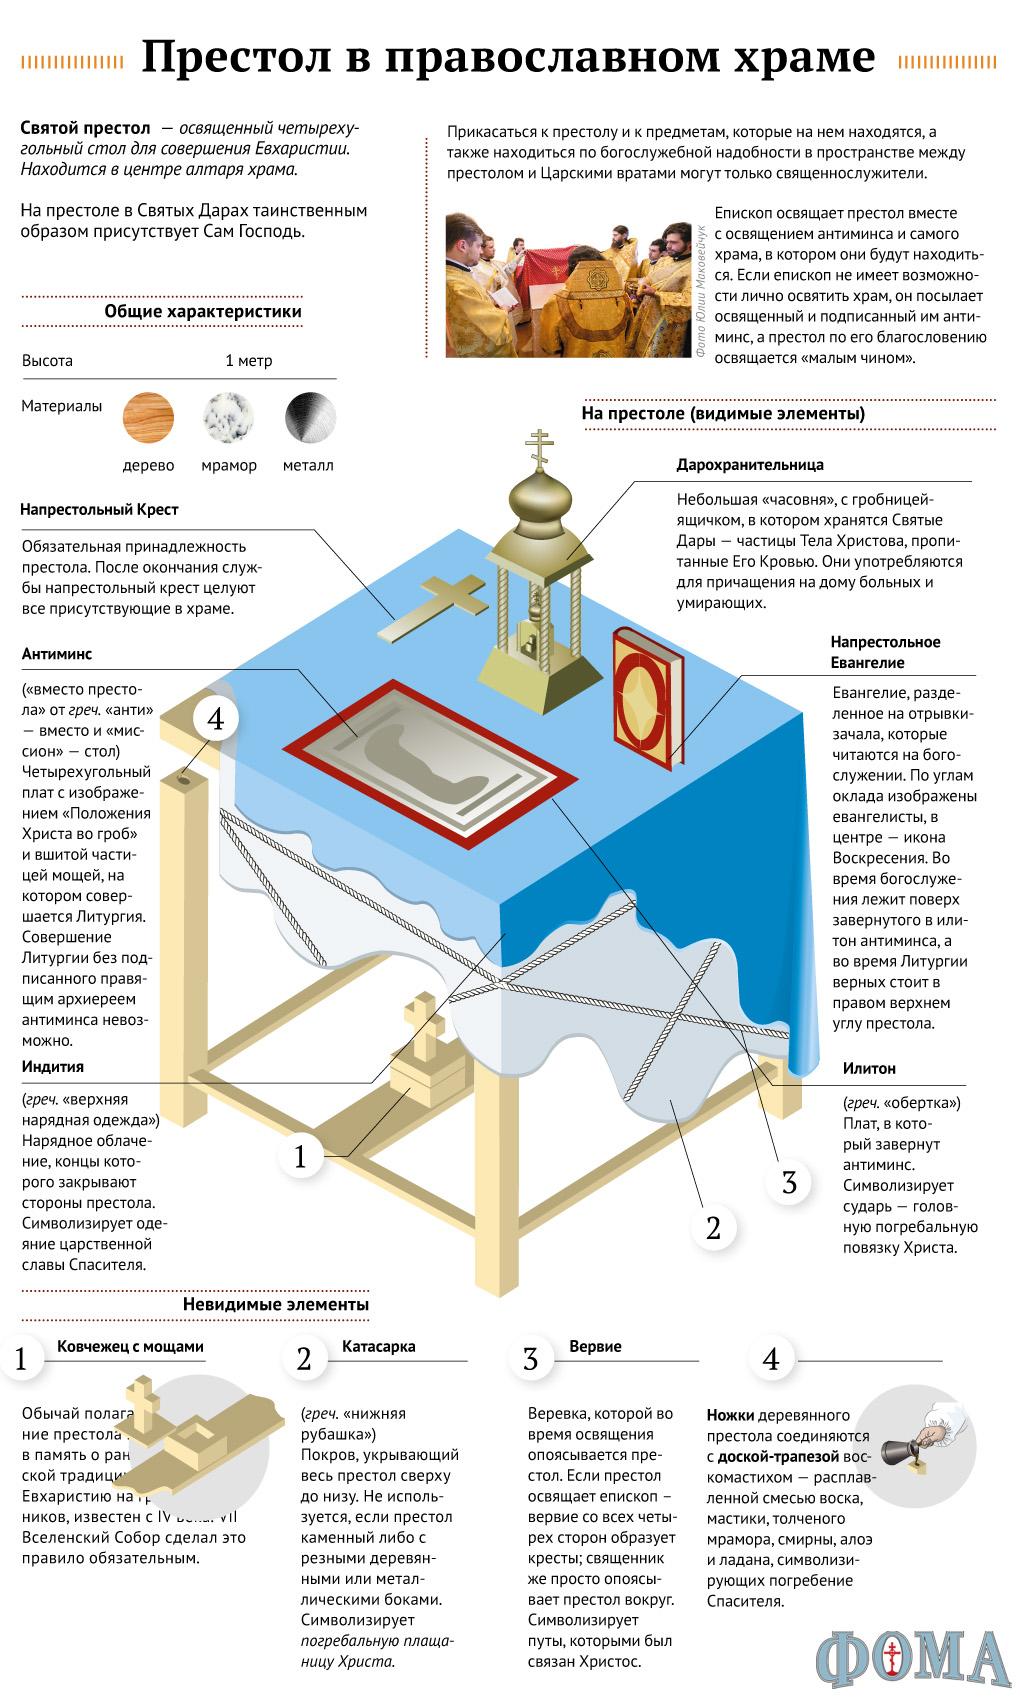 Престол в православном храме